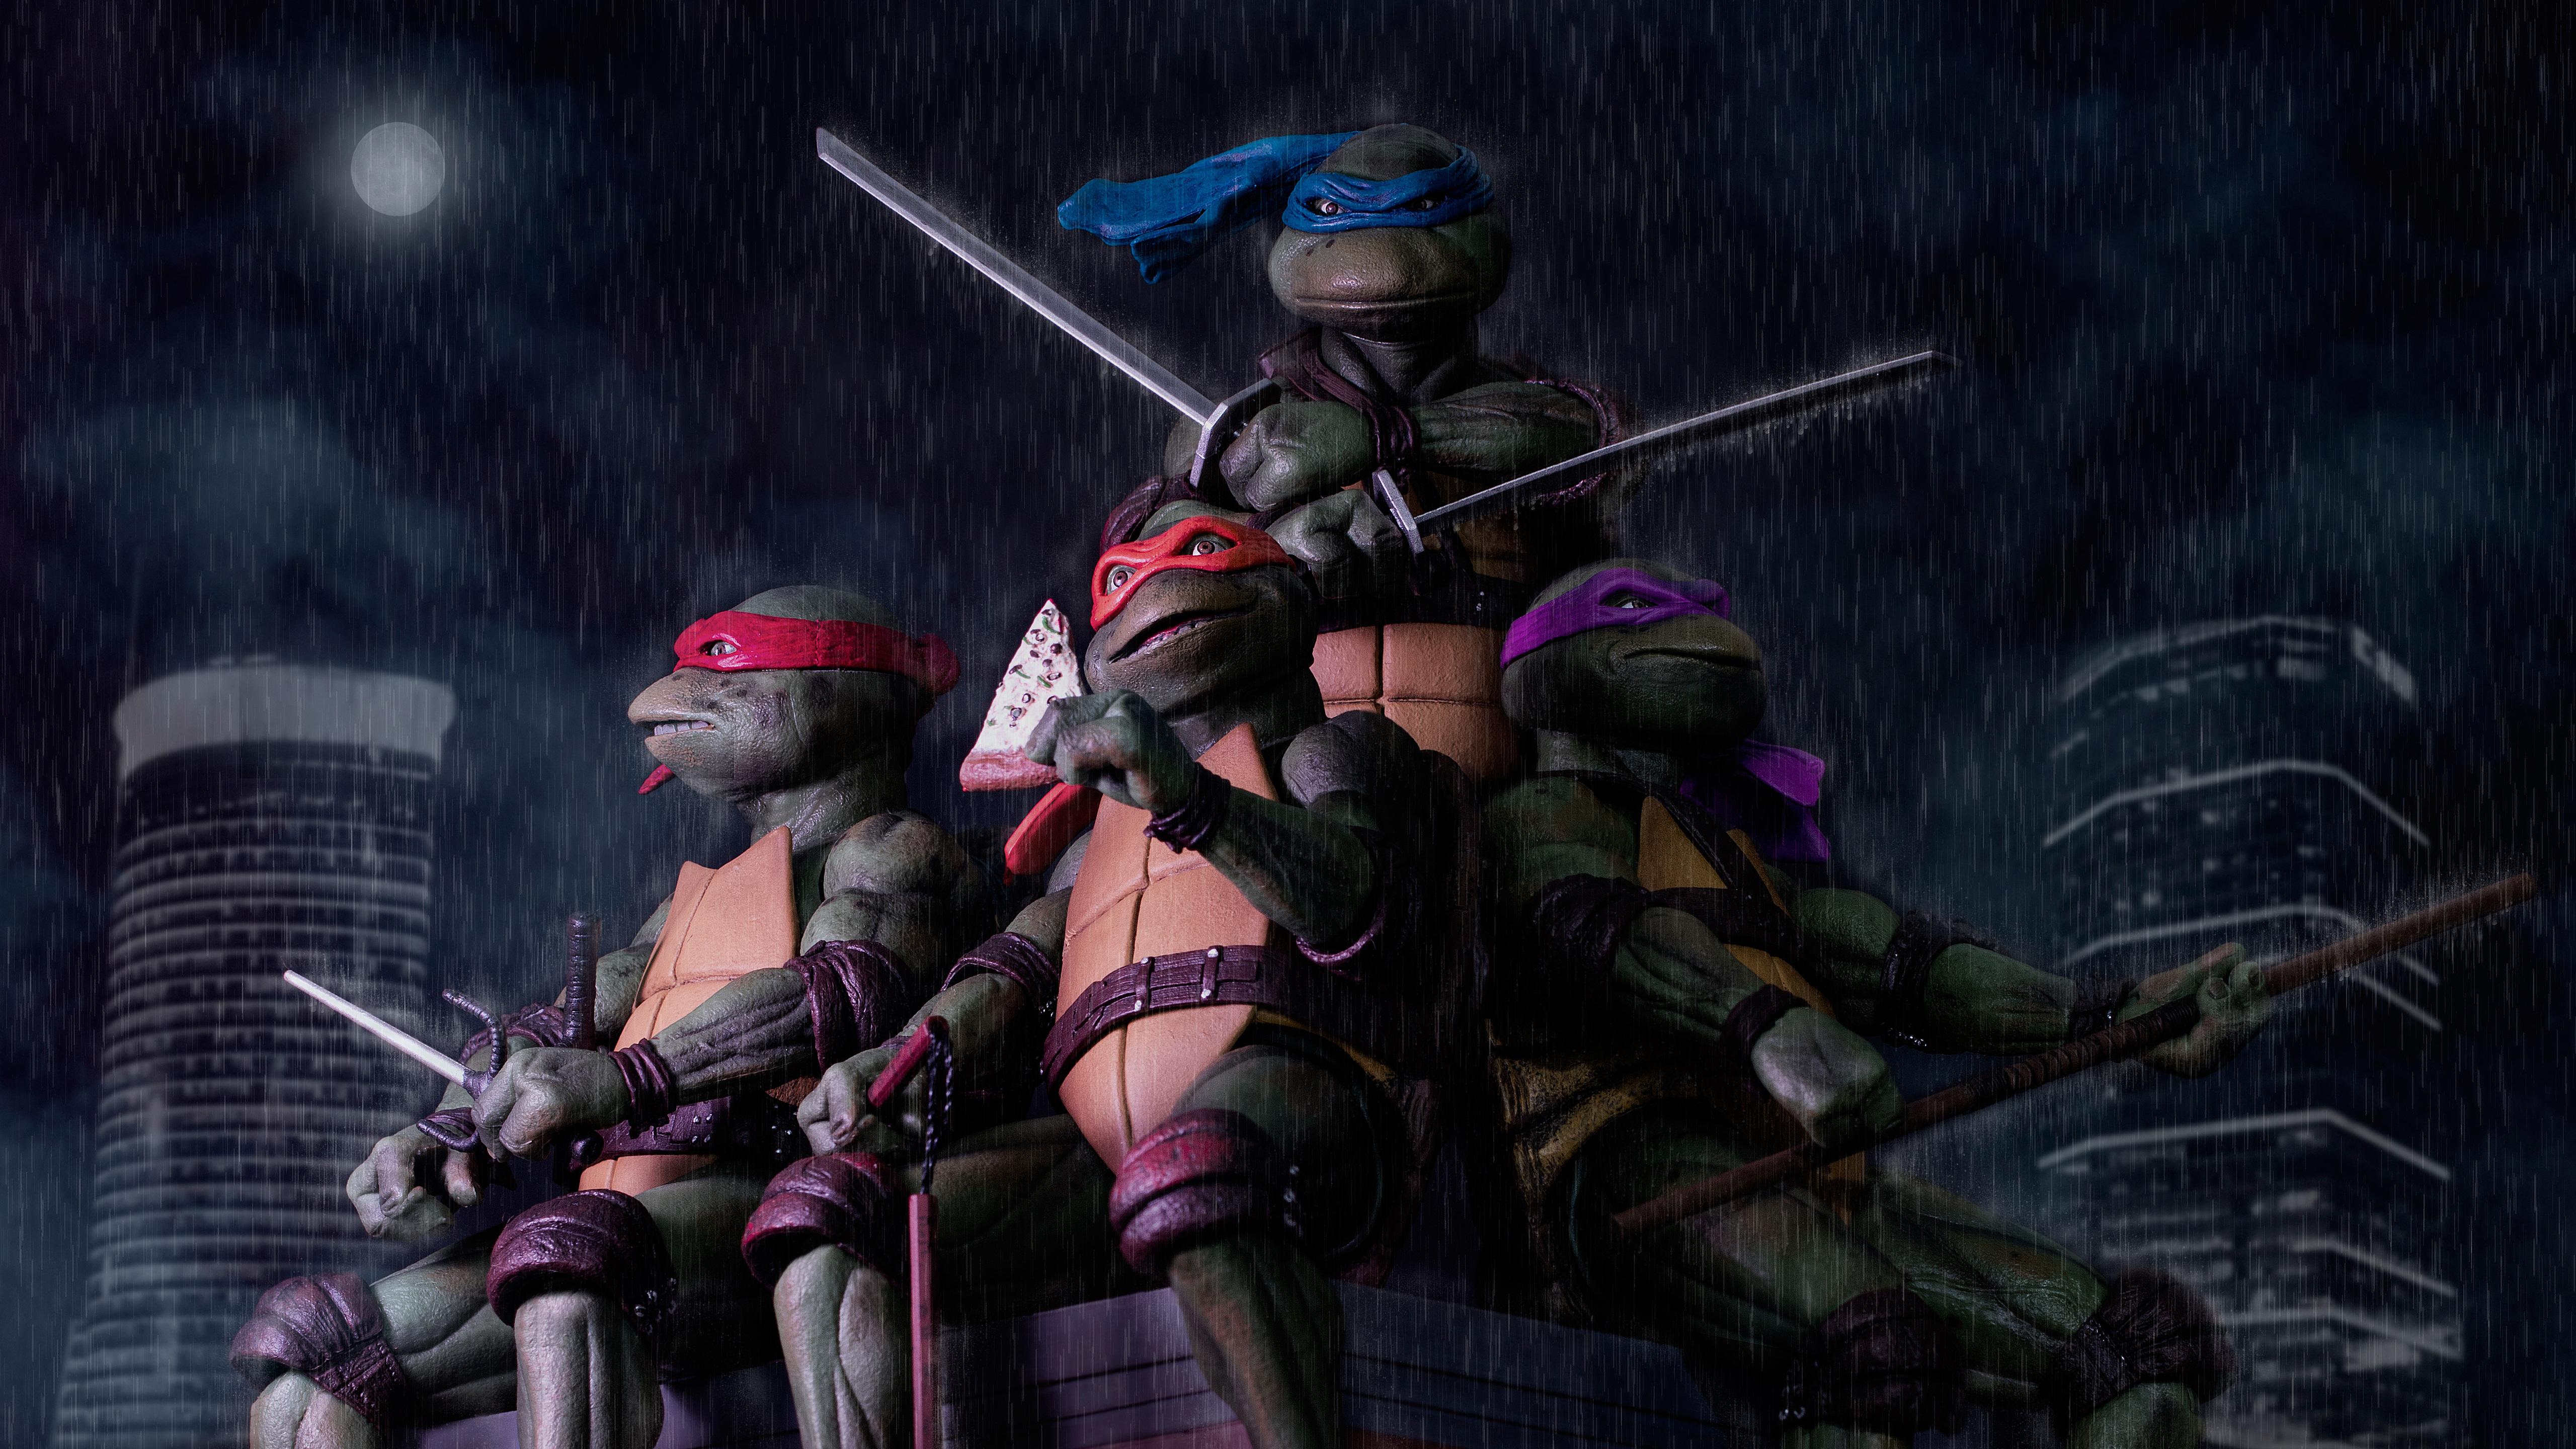 tennage-mutant-ninja-turtles-toys-o8.jpg